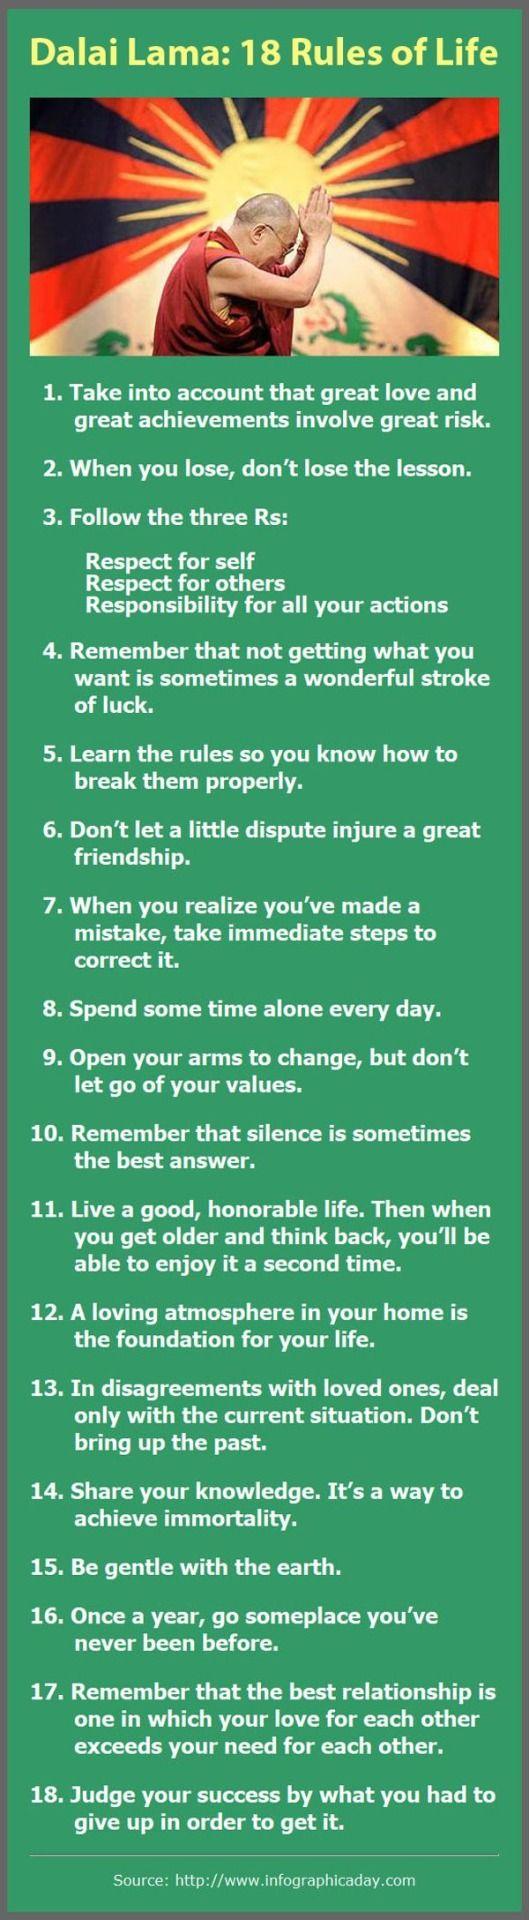 Dalai Lama: 18 rules of life